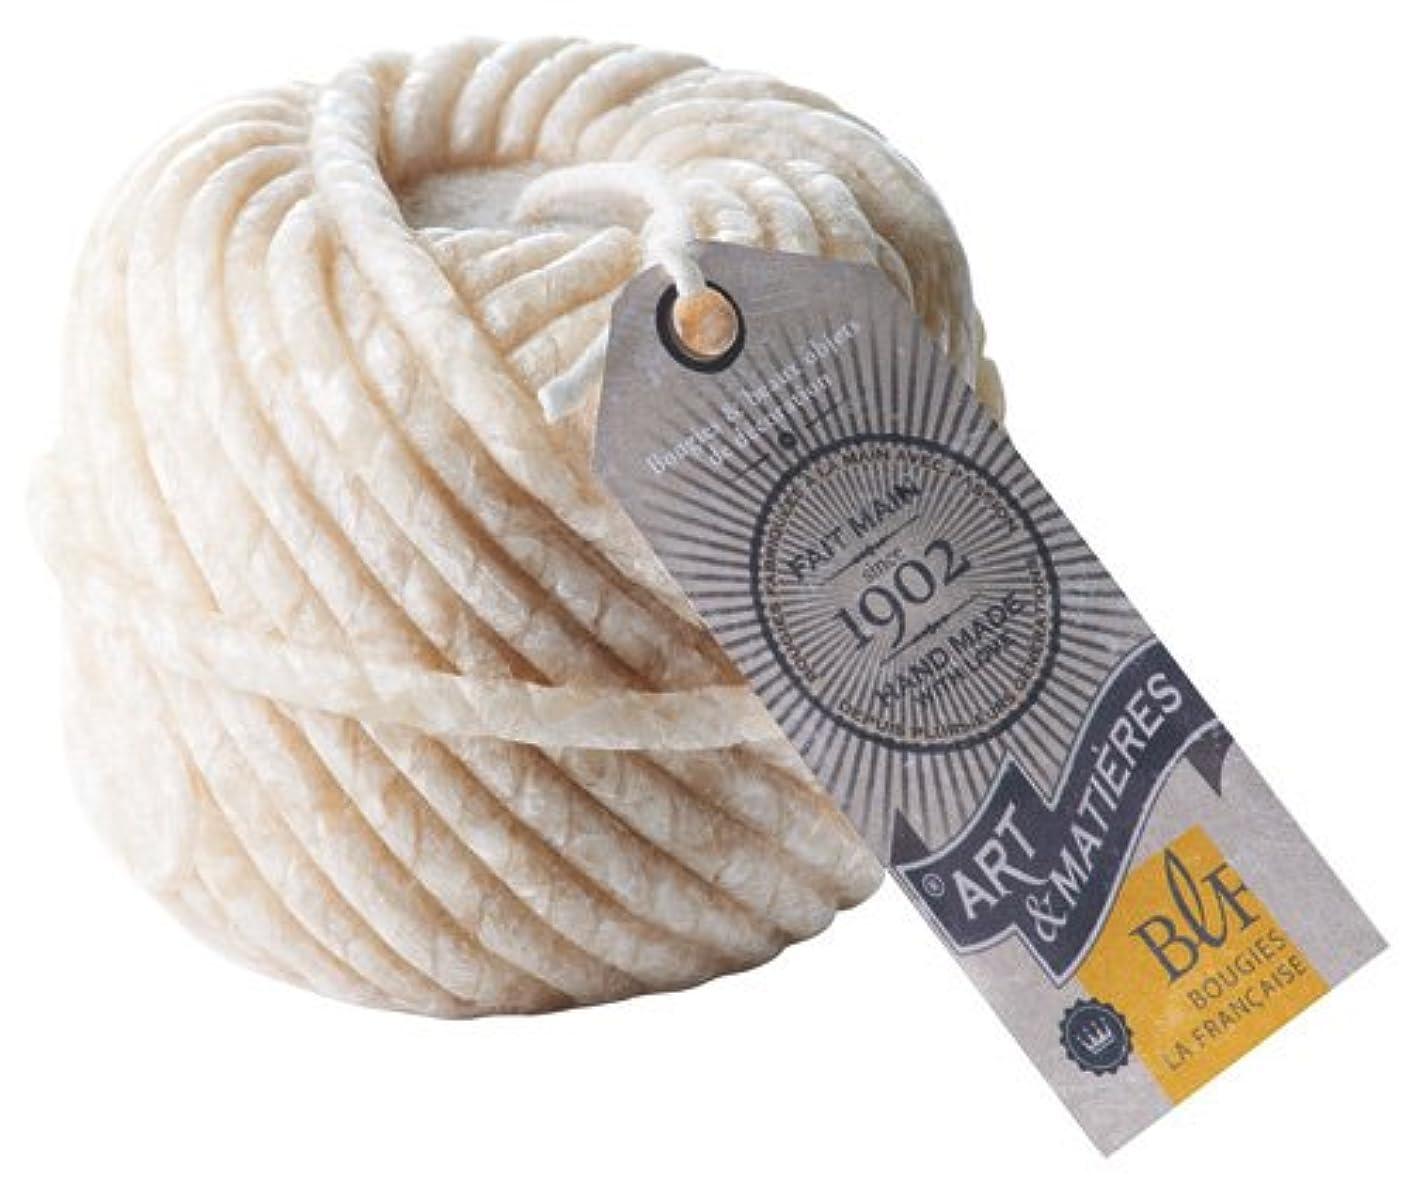 相互接続ディベート安全でないブジ?ラ?フランセーズ 本物の毛糸玉のような ウールボールキャンドル ホワイト